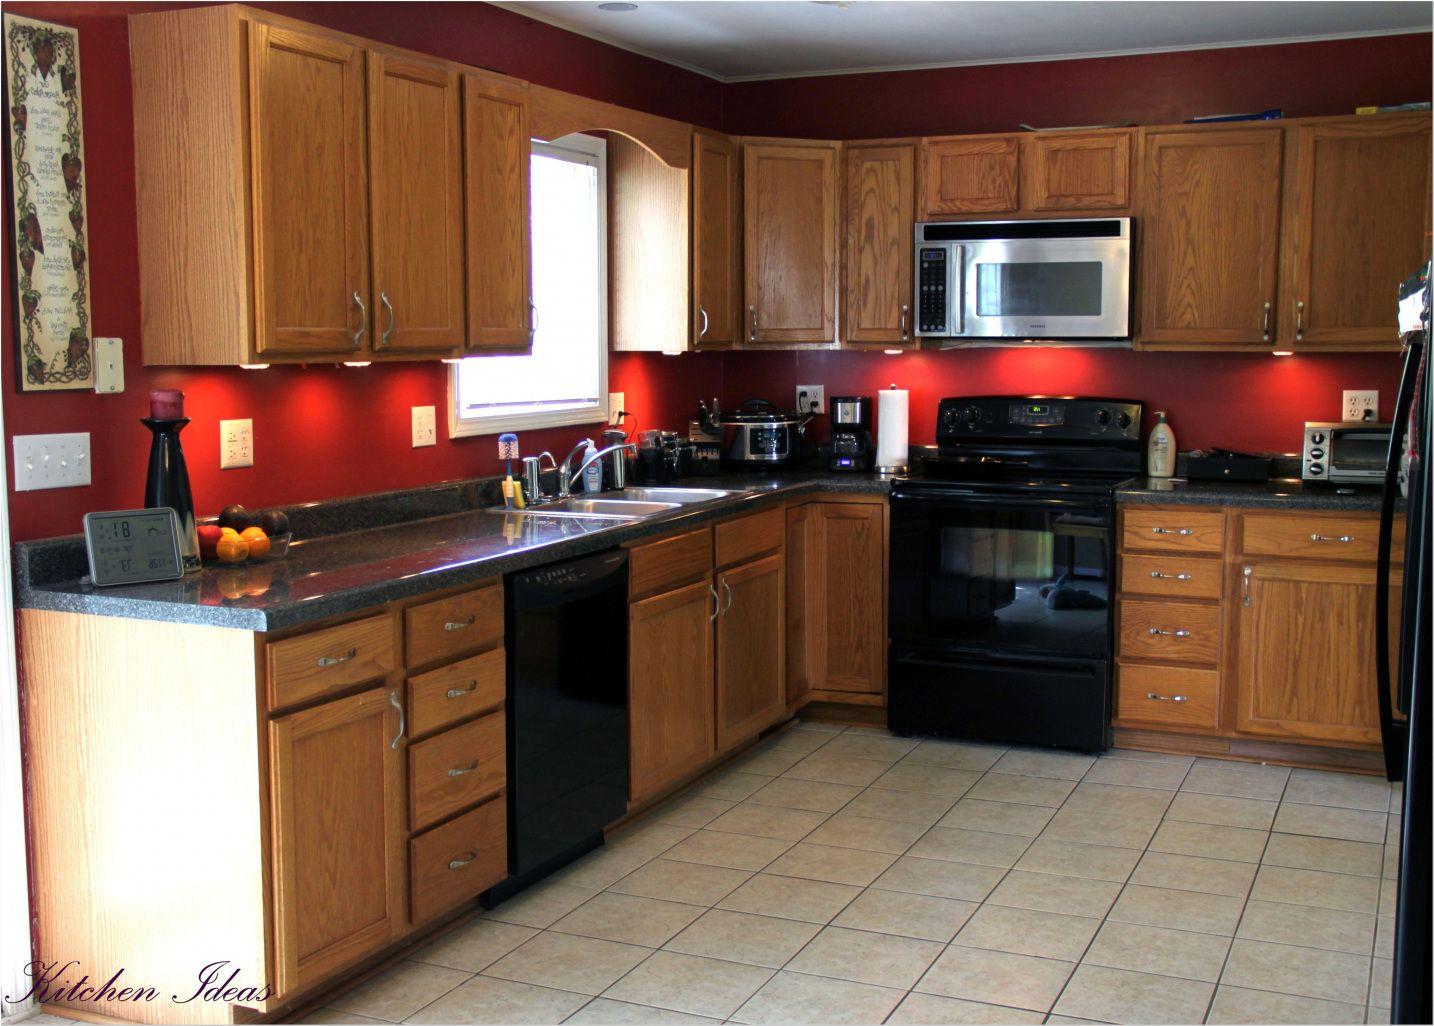 2018 Kitchen Ideas with Oak Cabinets - Kitchen Drawer ...